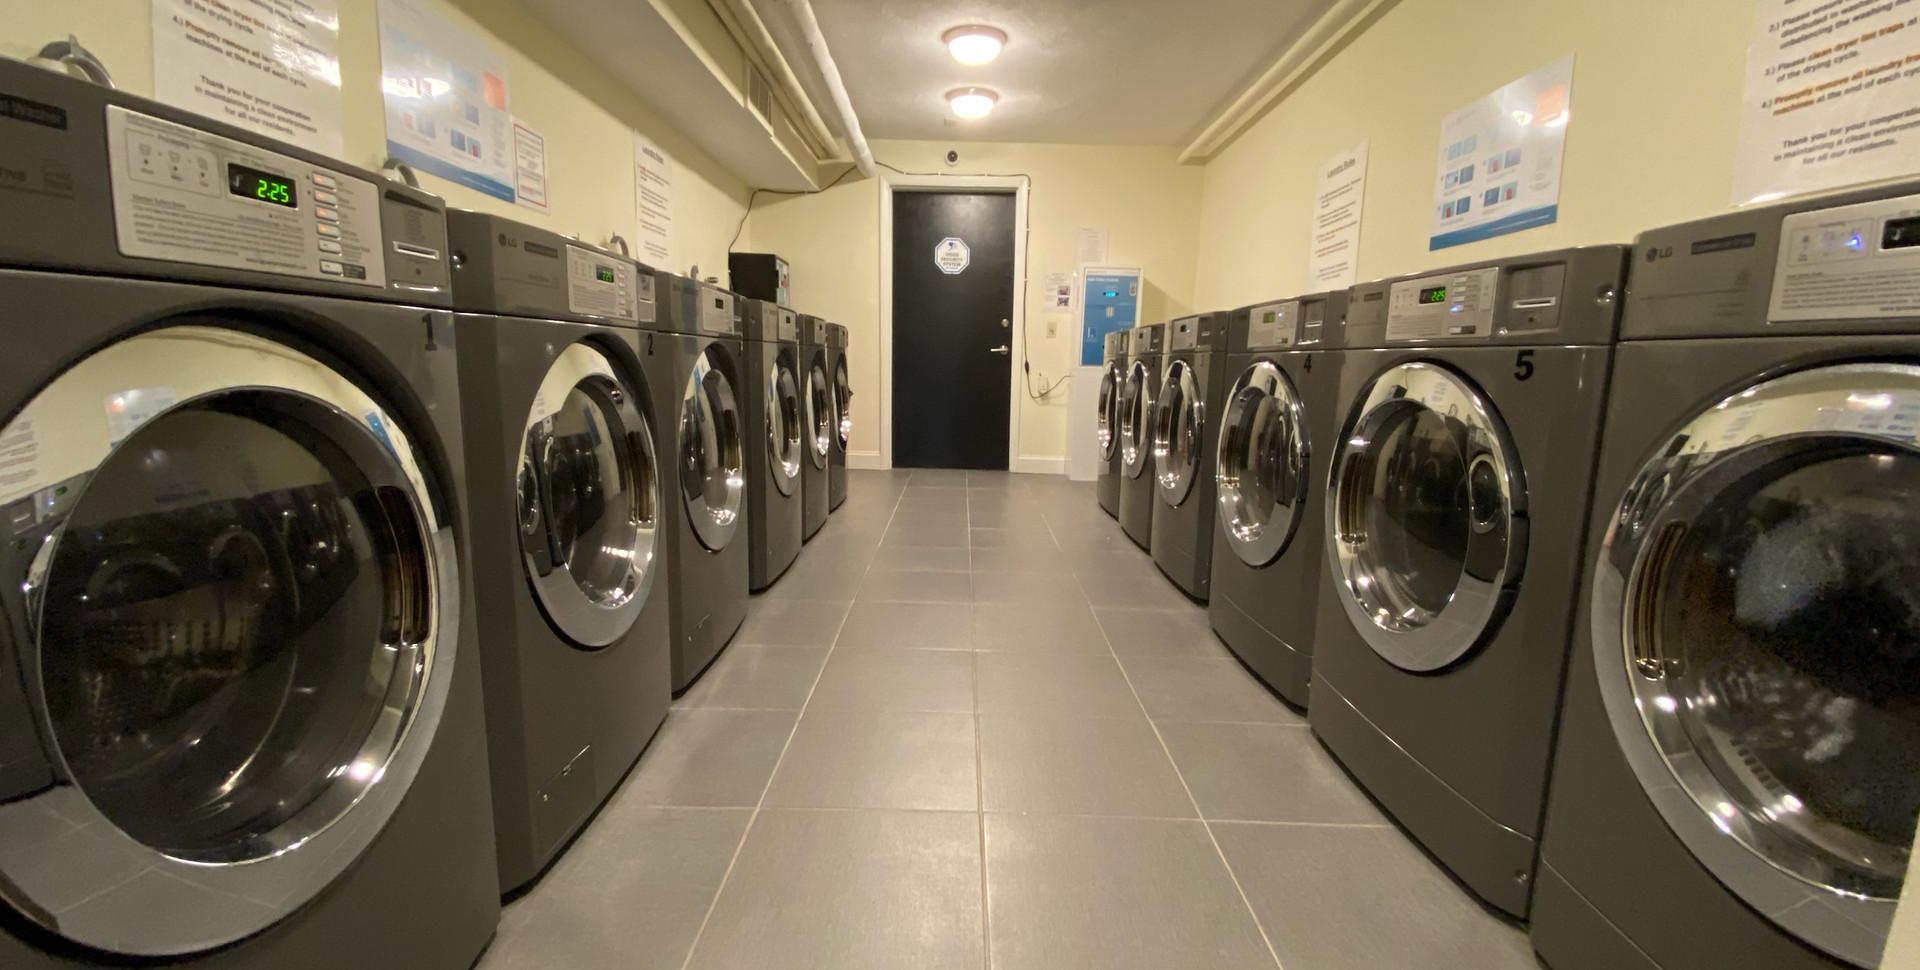 Washer and Dryer Photo_New Machines.jpg